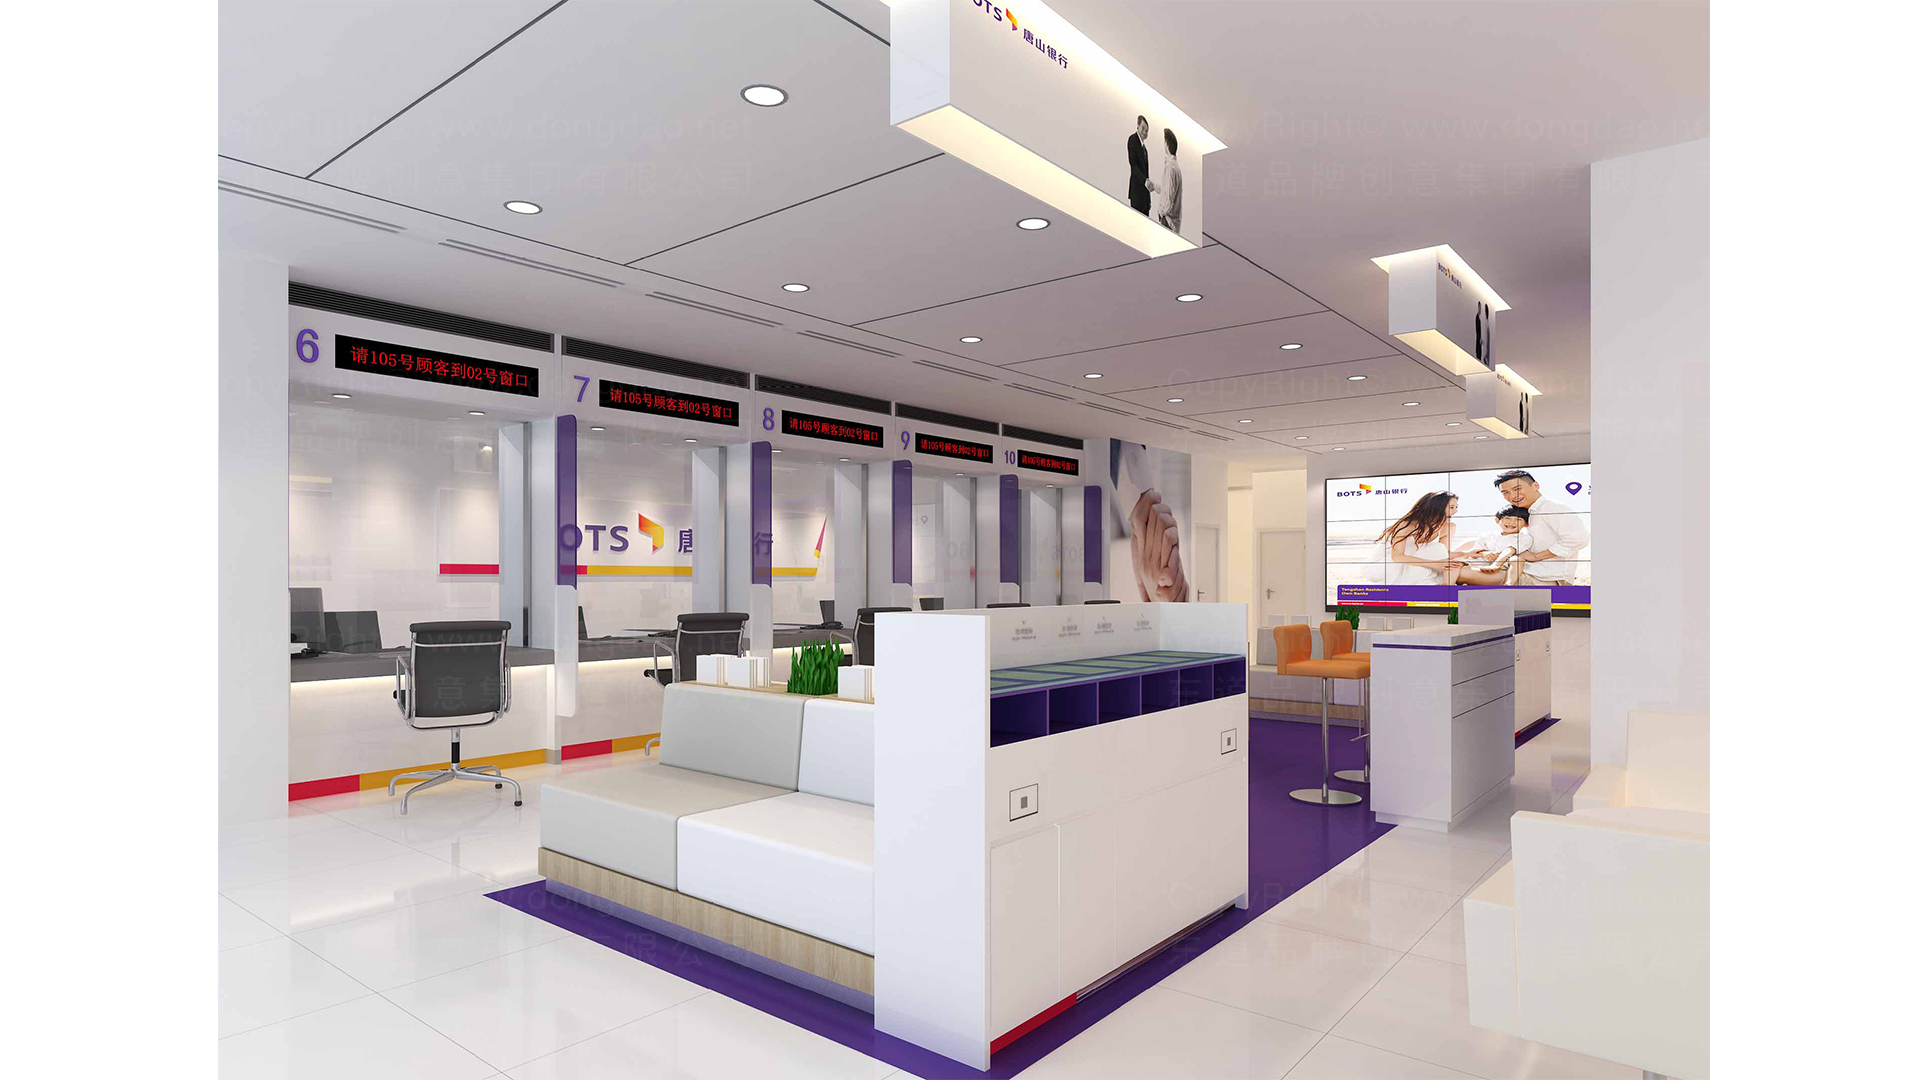 商业空间&导示唐山银行SI设计应用